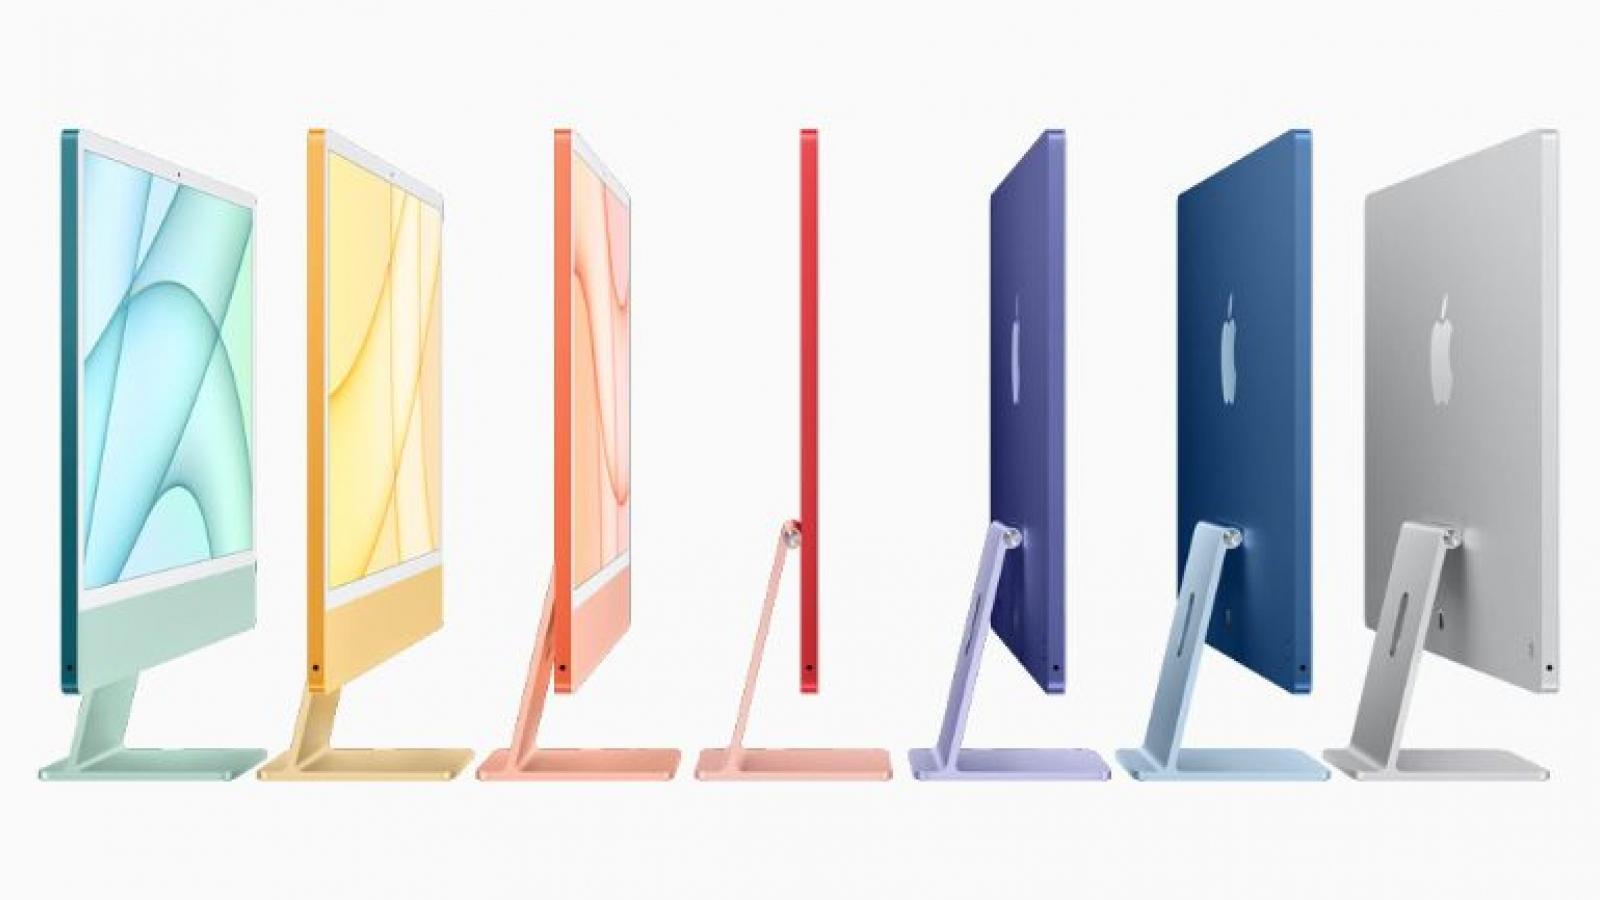 iMac thế hệ mới ra mắt với chip M1, nhiều màu sắc lôi cuốn